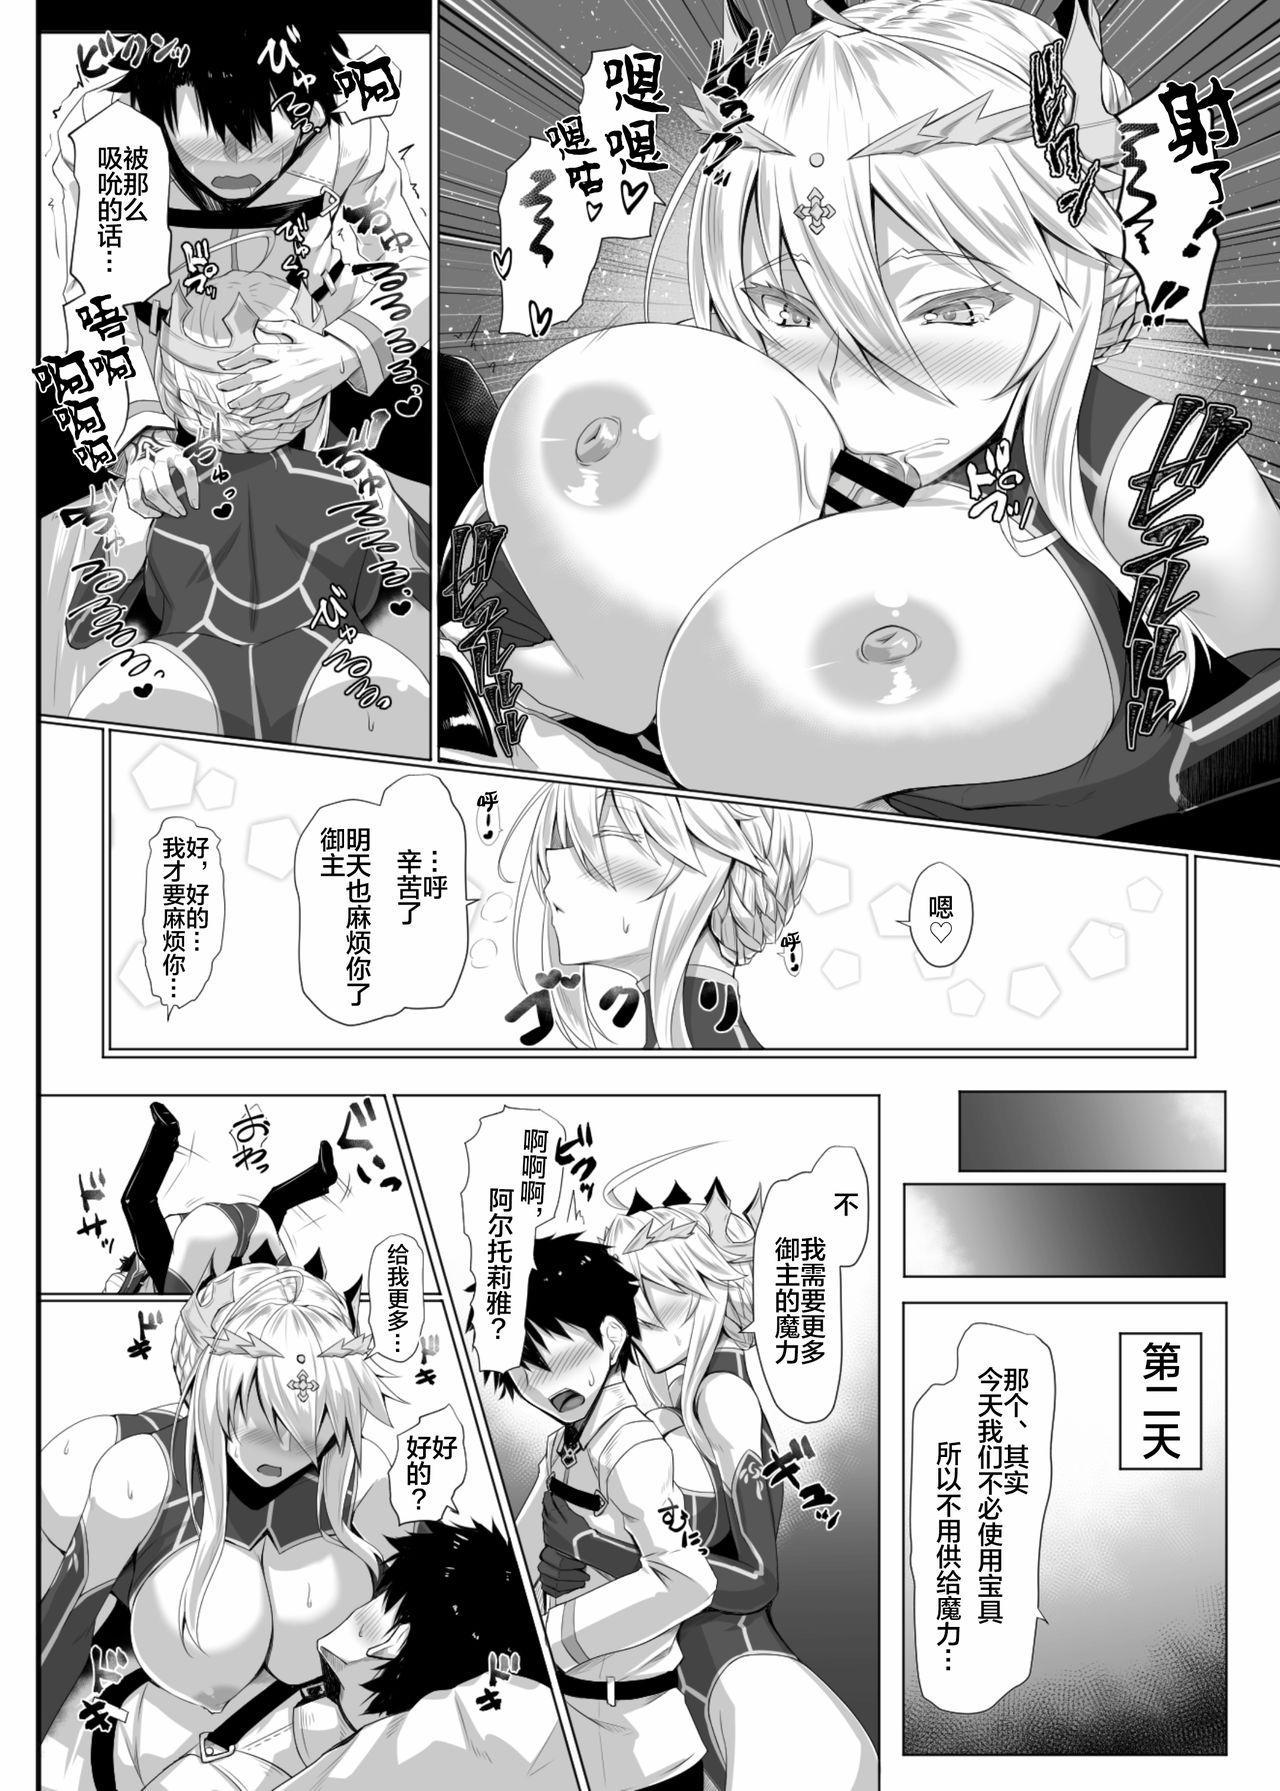 Hajimete wa Megami-sama 13